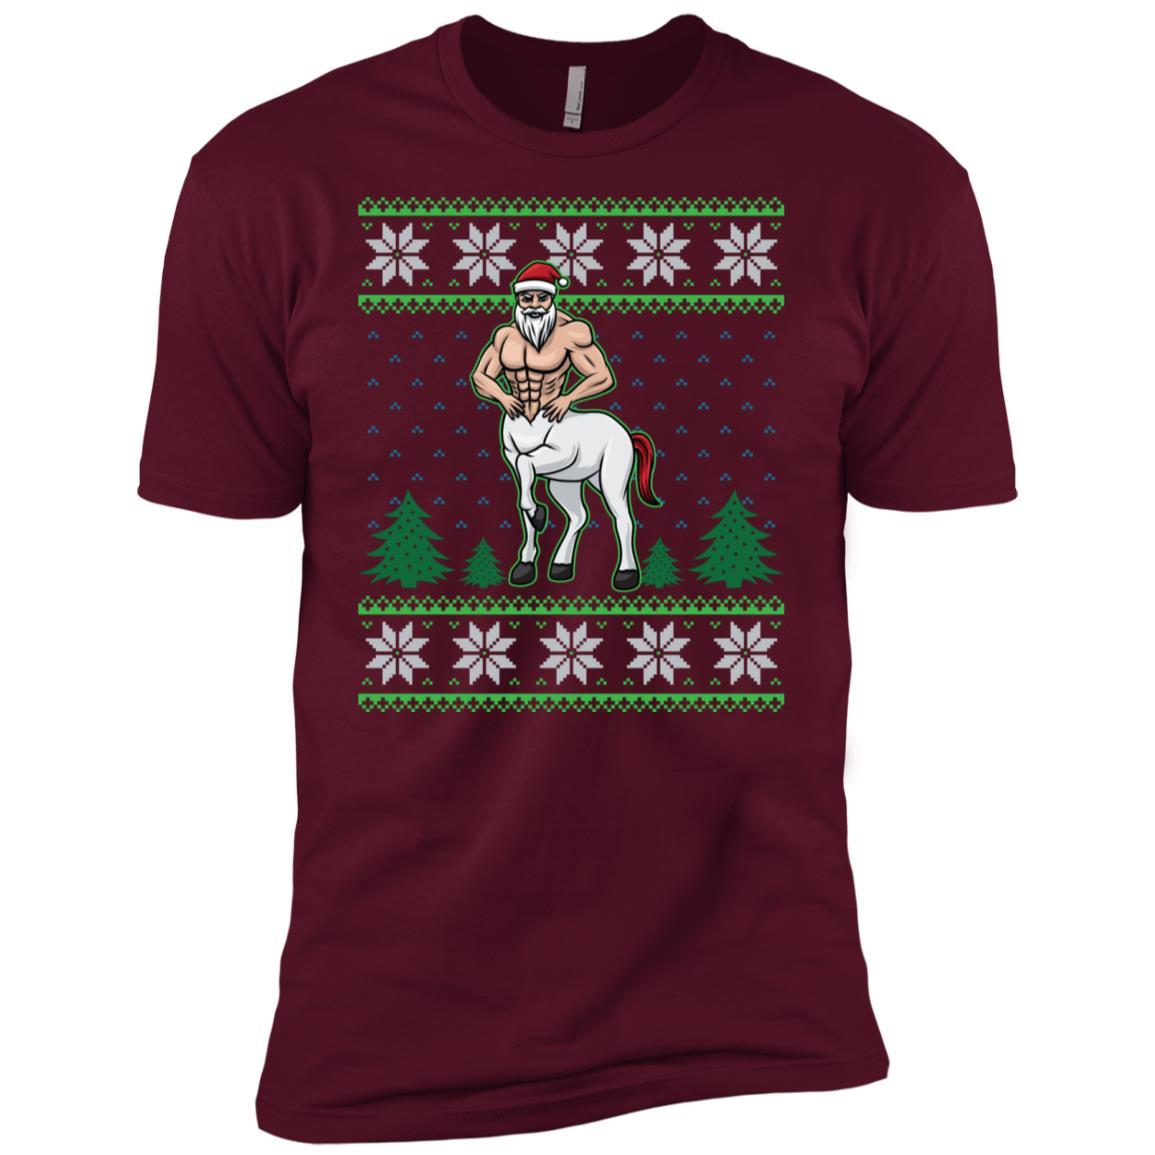 Centau Half Man Half Horse Greek Mythology Christmas Sleeve Men Short Sleeve T-Shirt